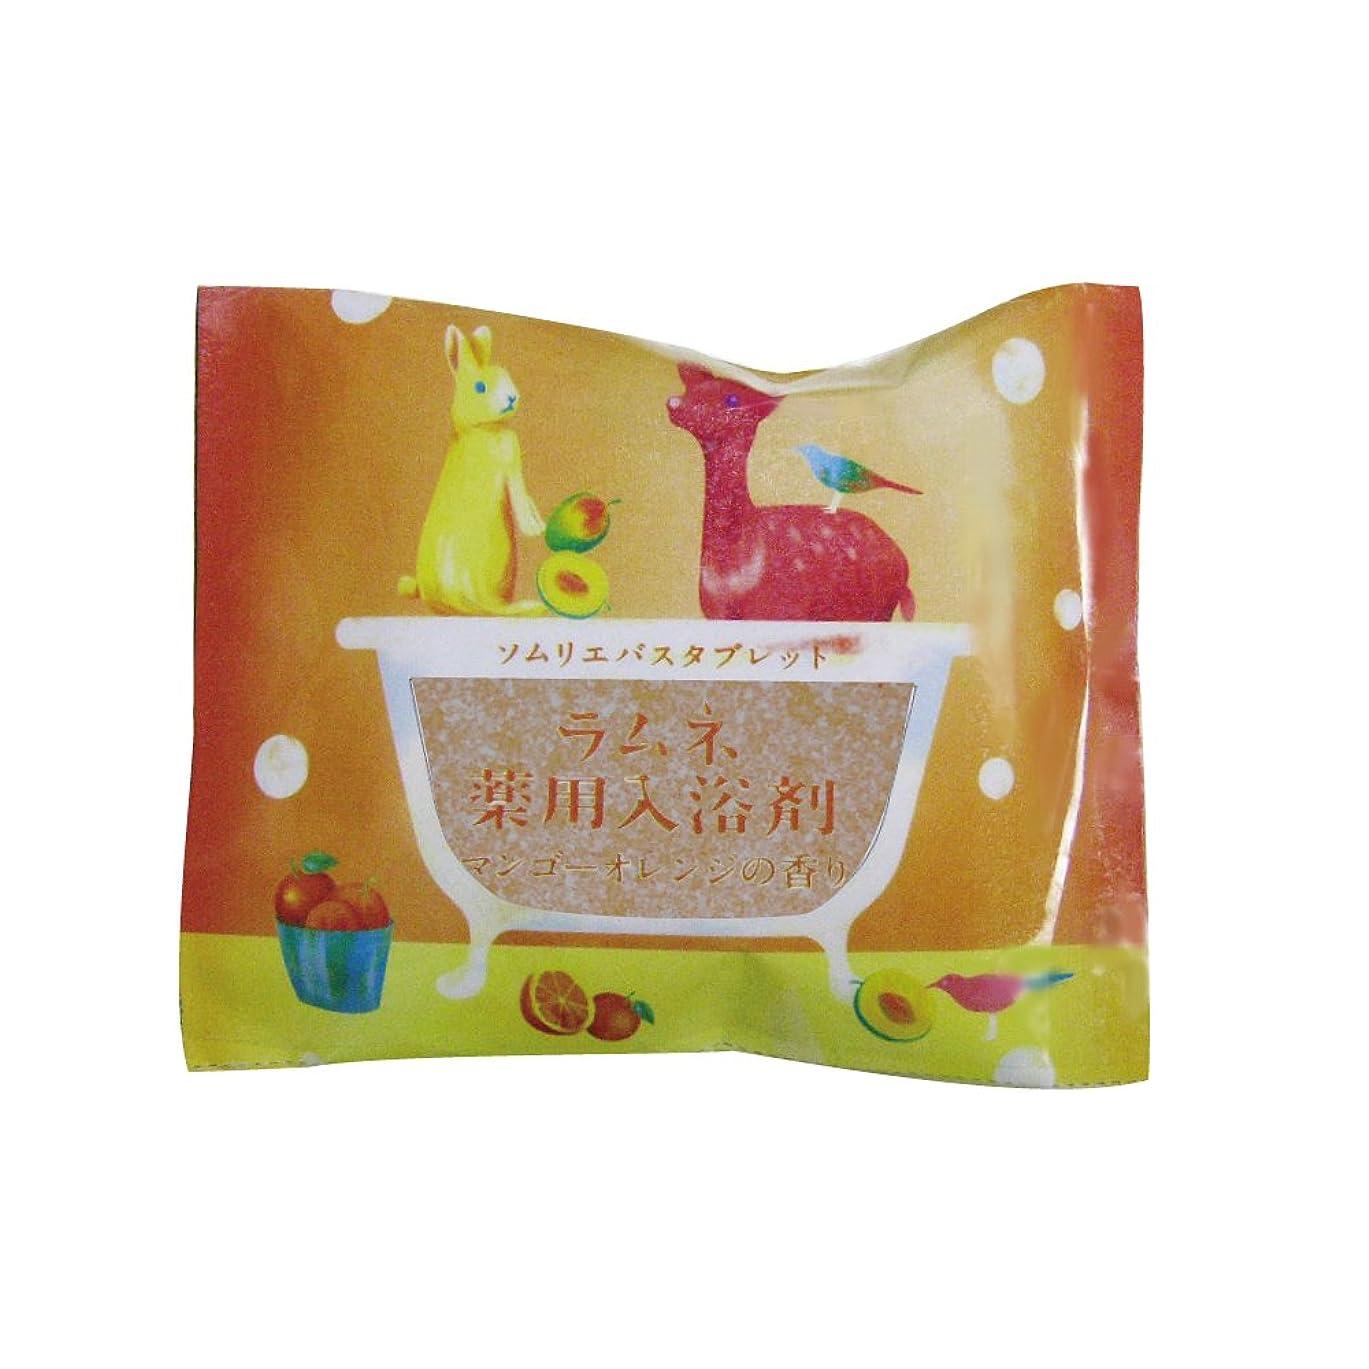 チャールズキージング溶かすシャイソムリエバスタブレット ラムネ薬用入浴剤 マンゴーオレンジの香り 12個セット